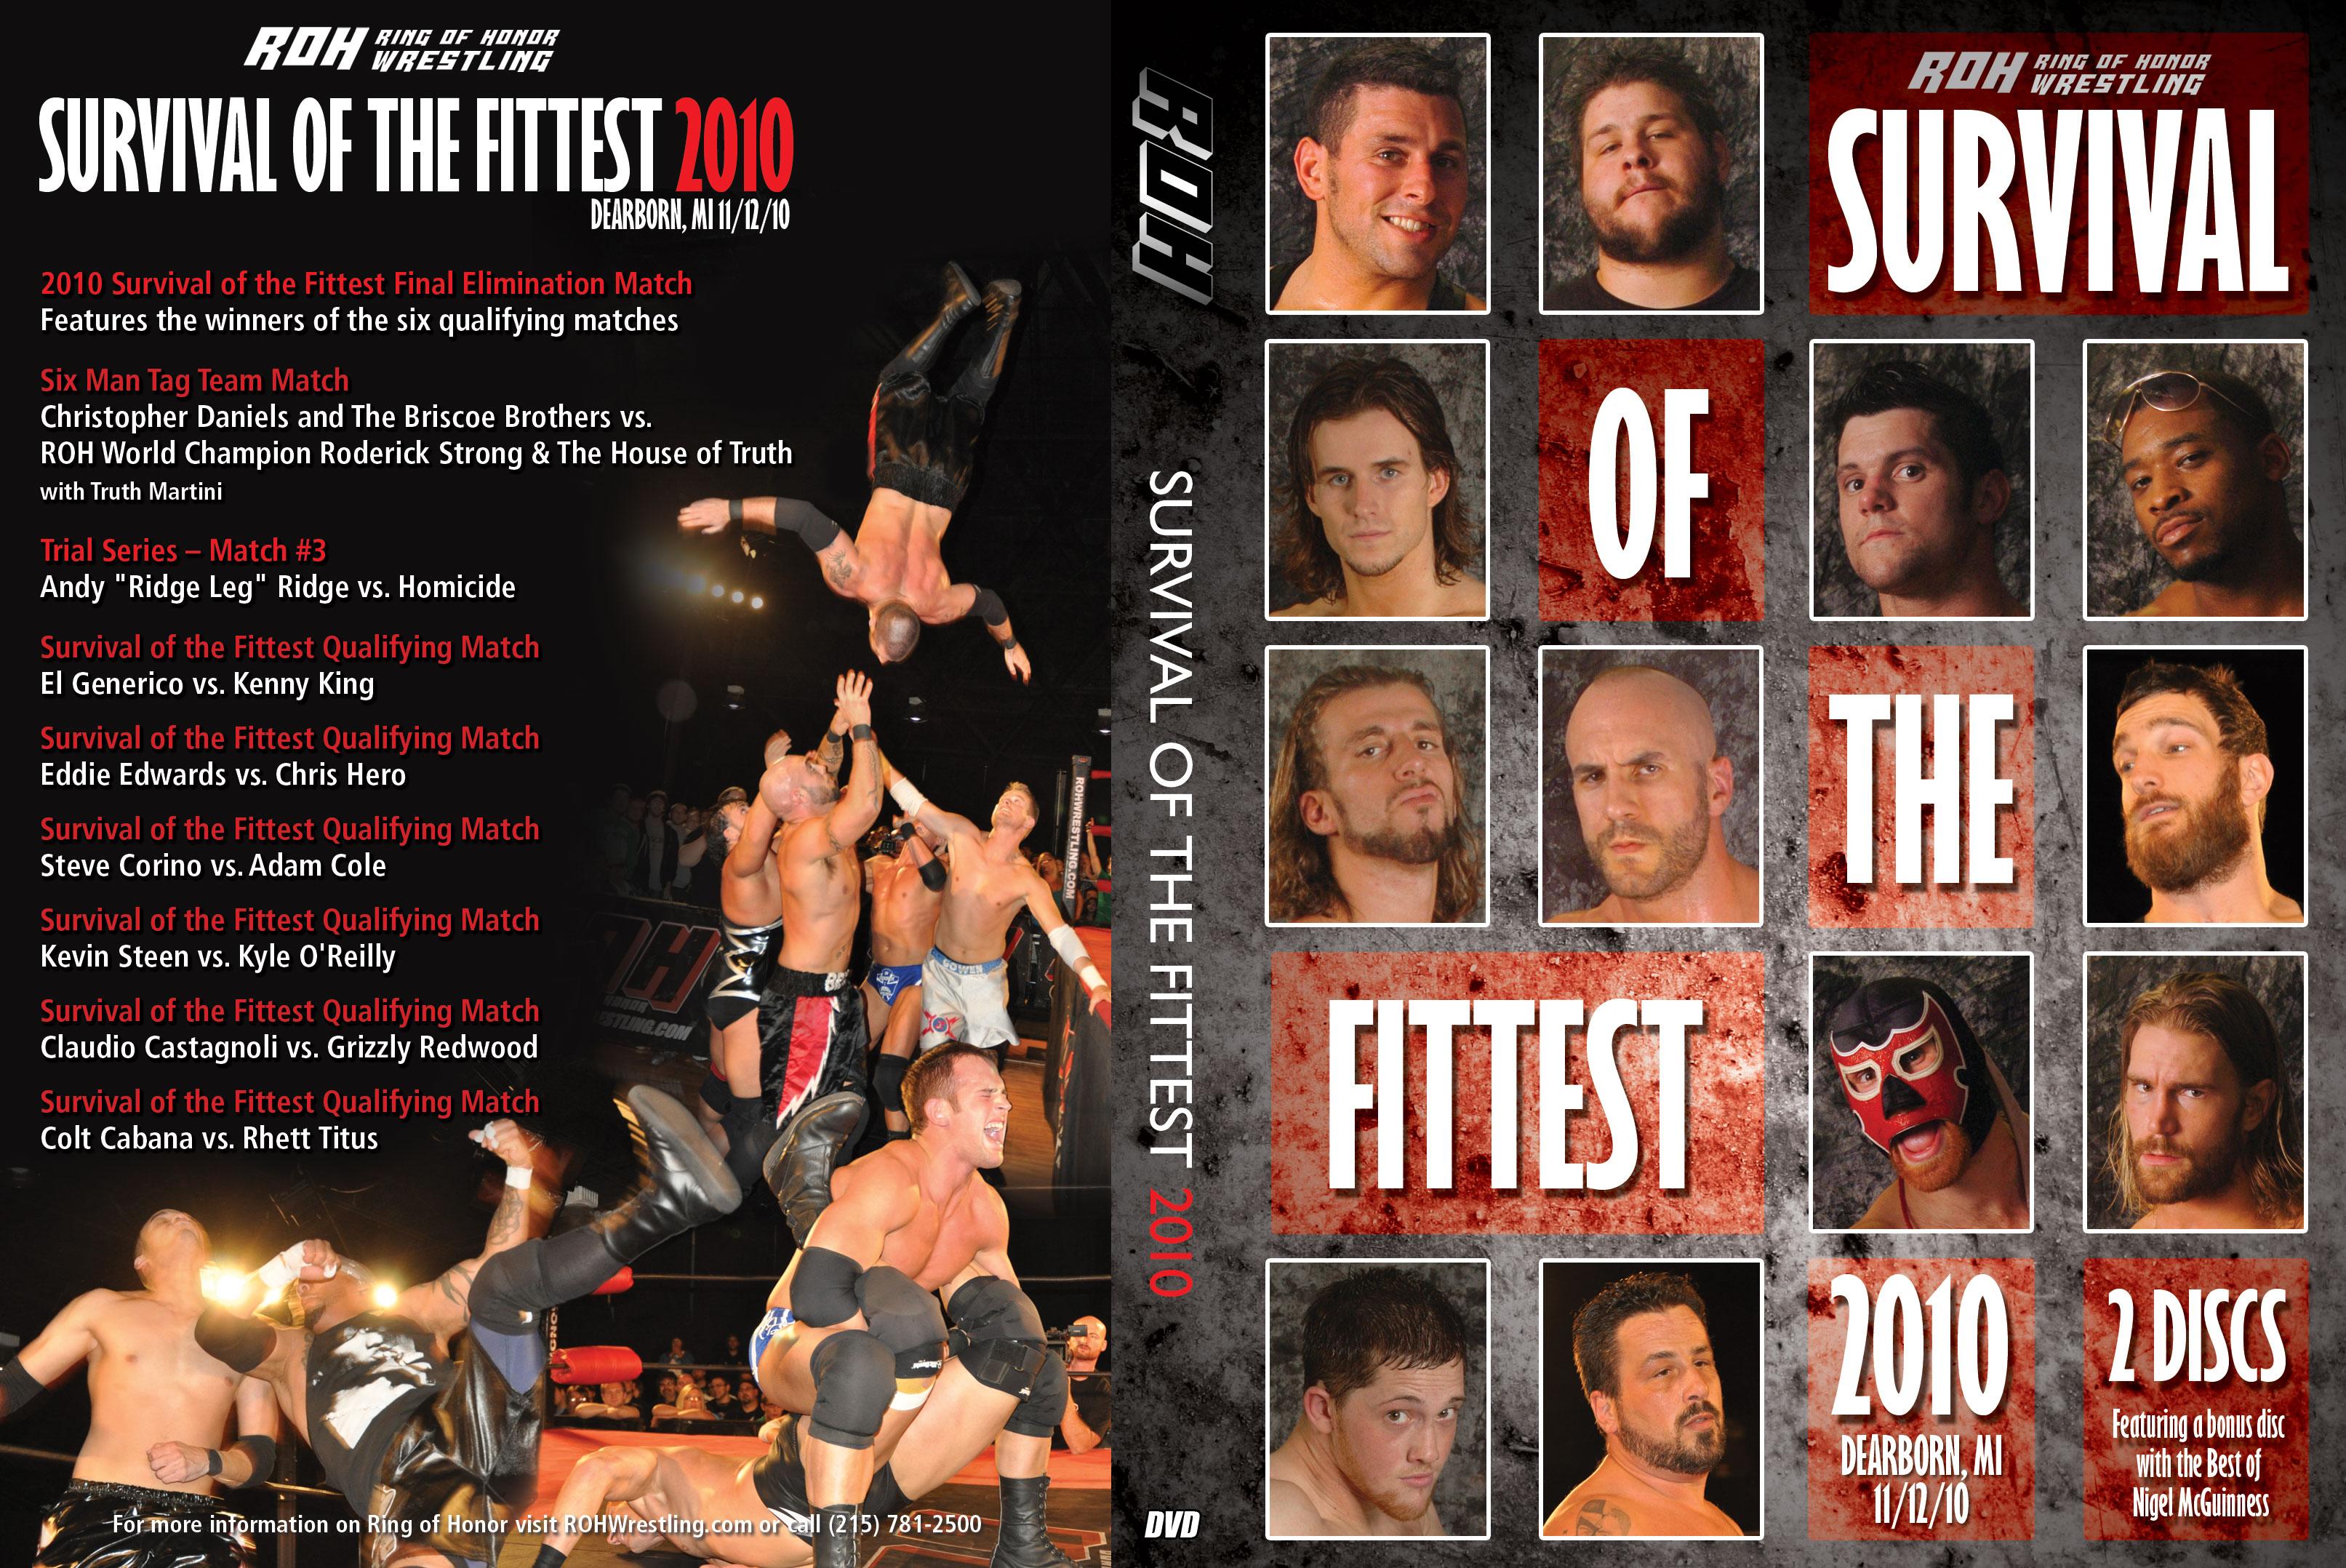 SurvivaloftheFittest2010